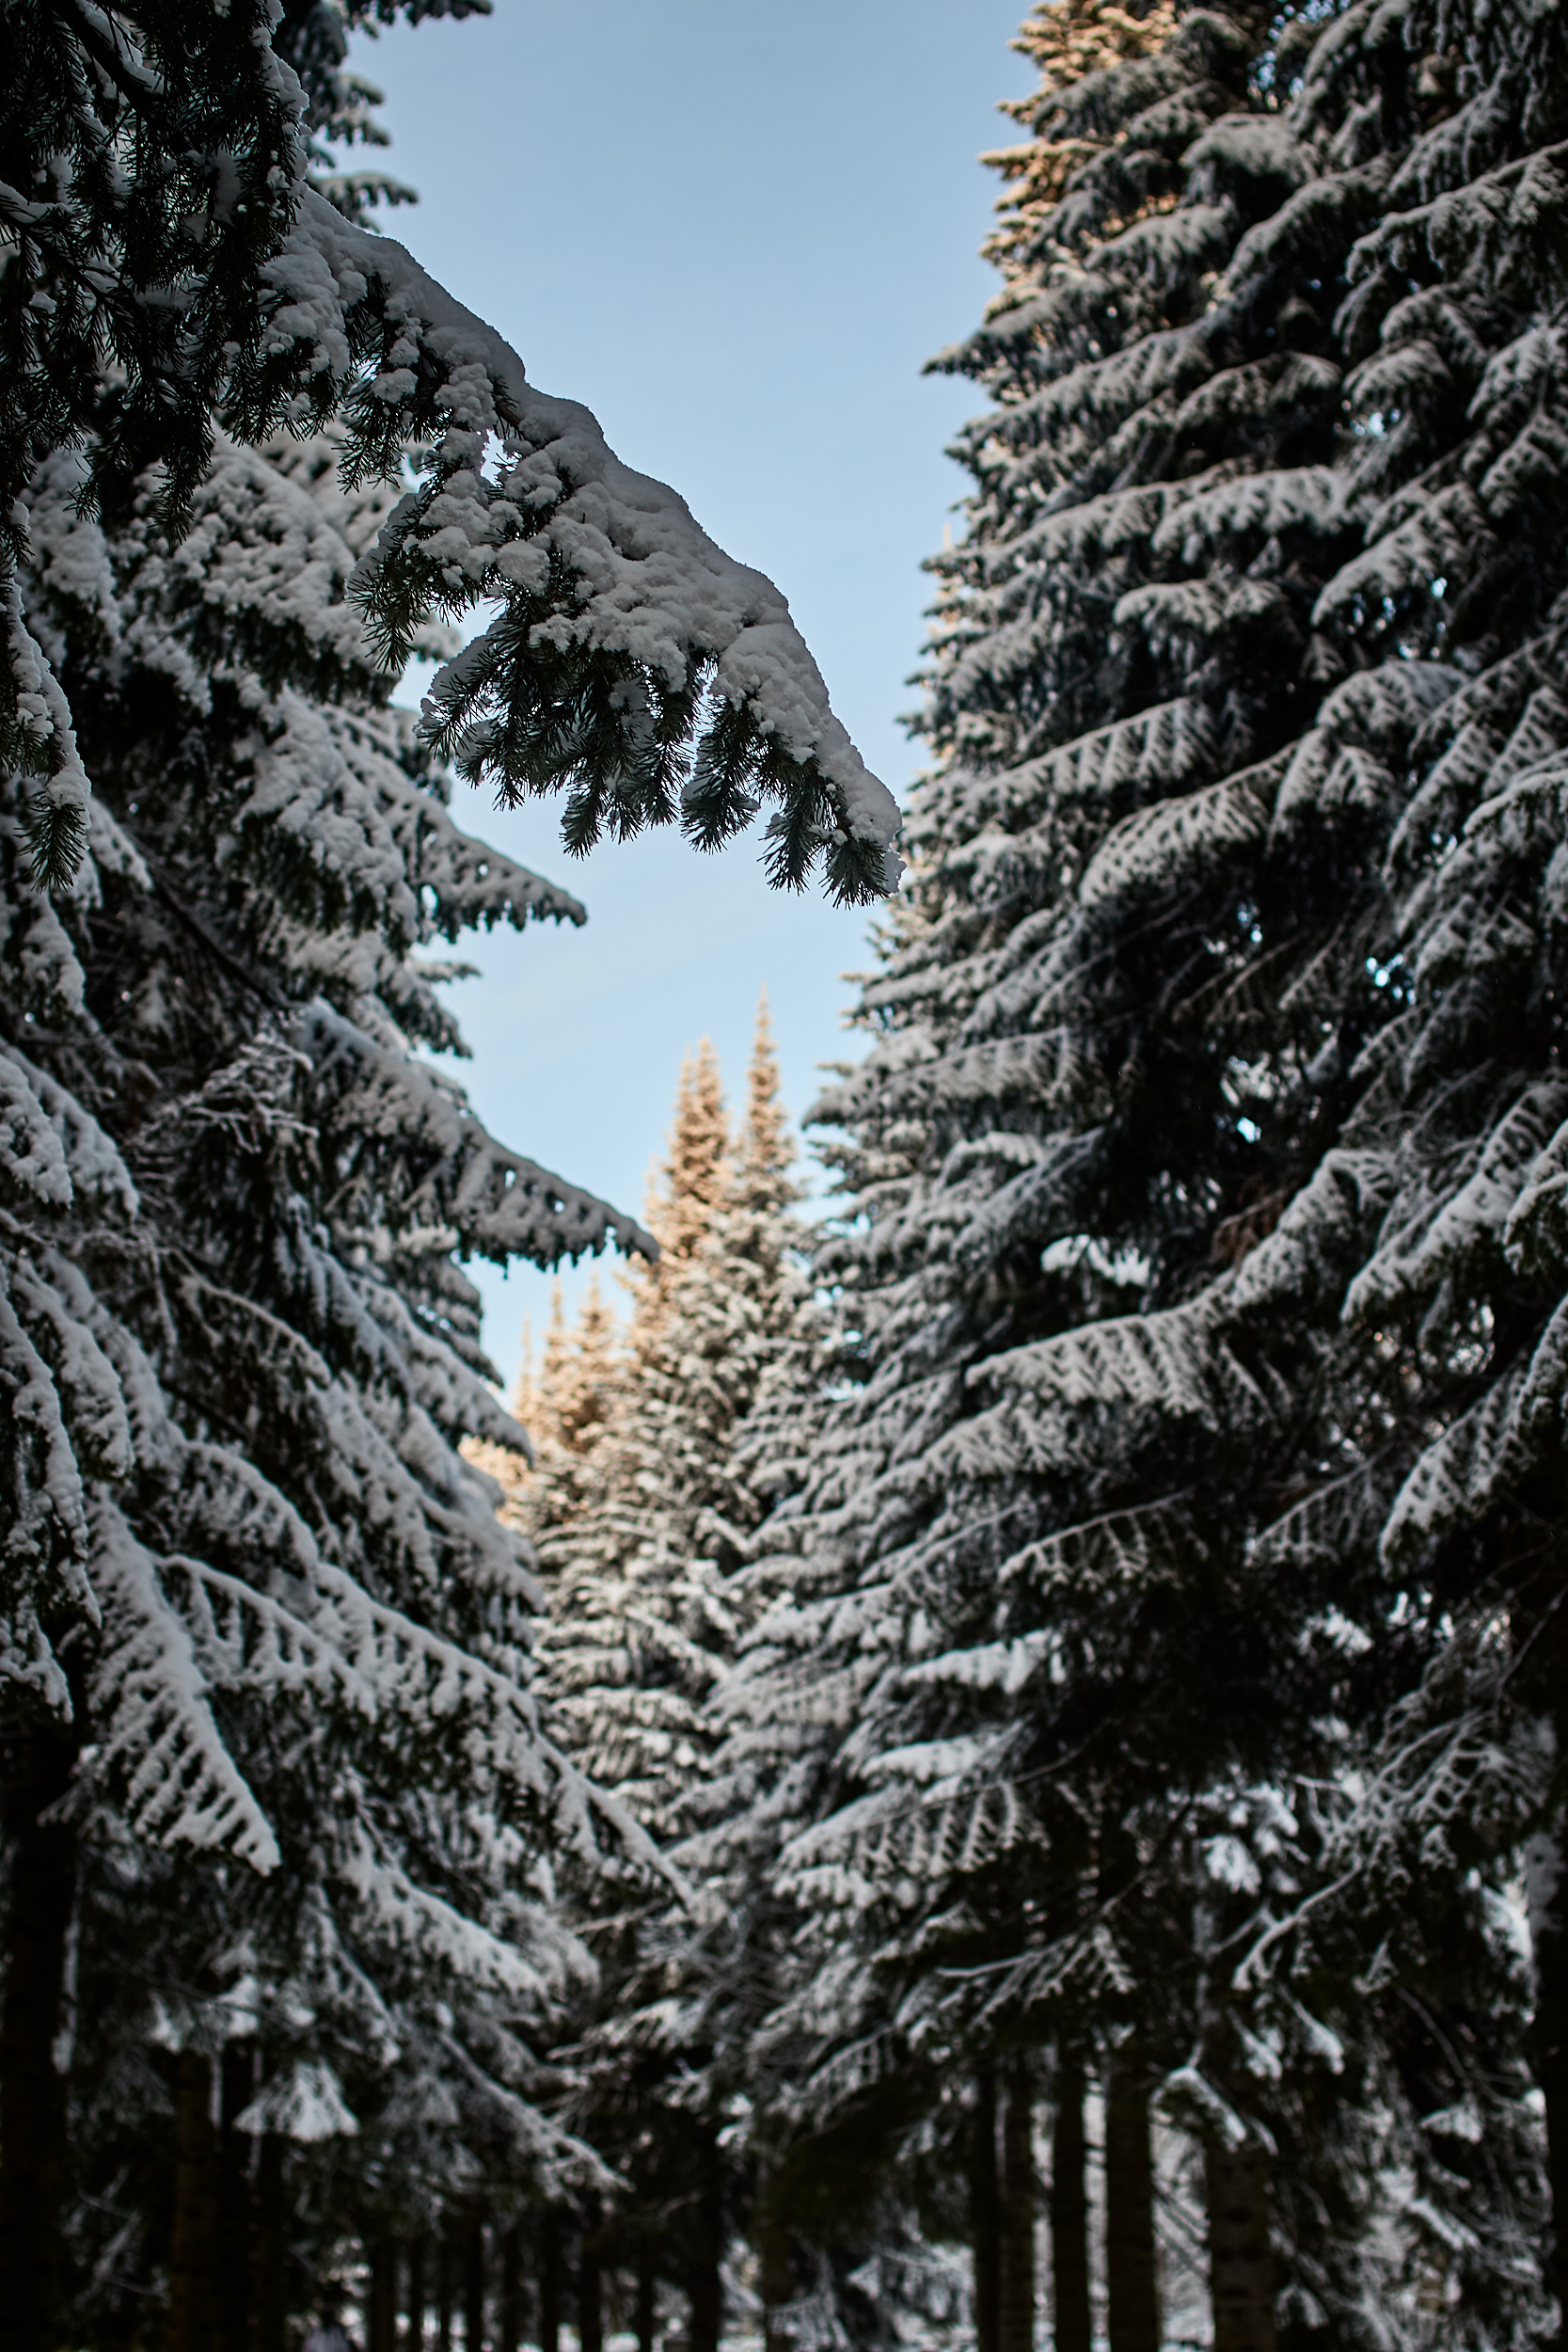 35 mm - 2019-01-24 13.15.36 - Oulu Week 4 Mix.jpg